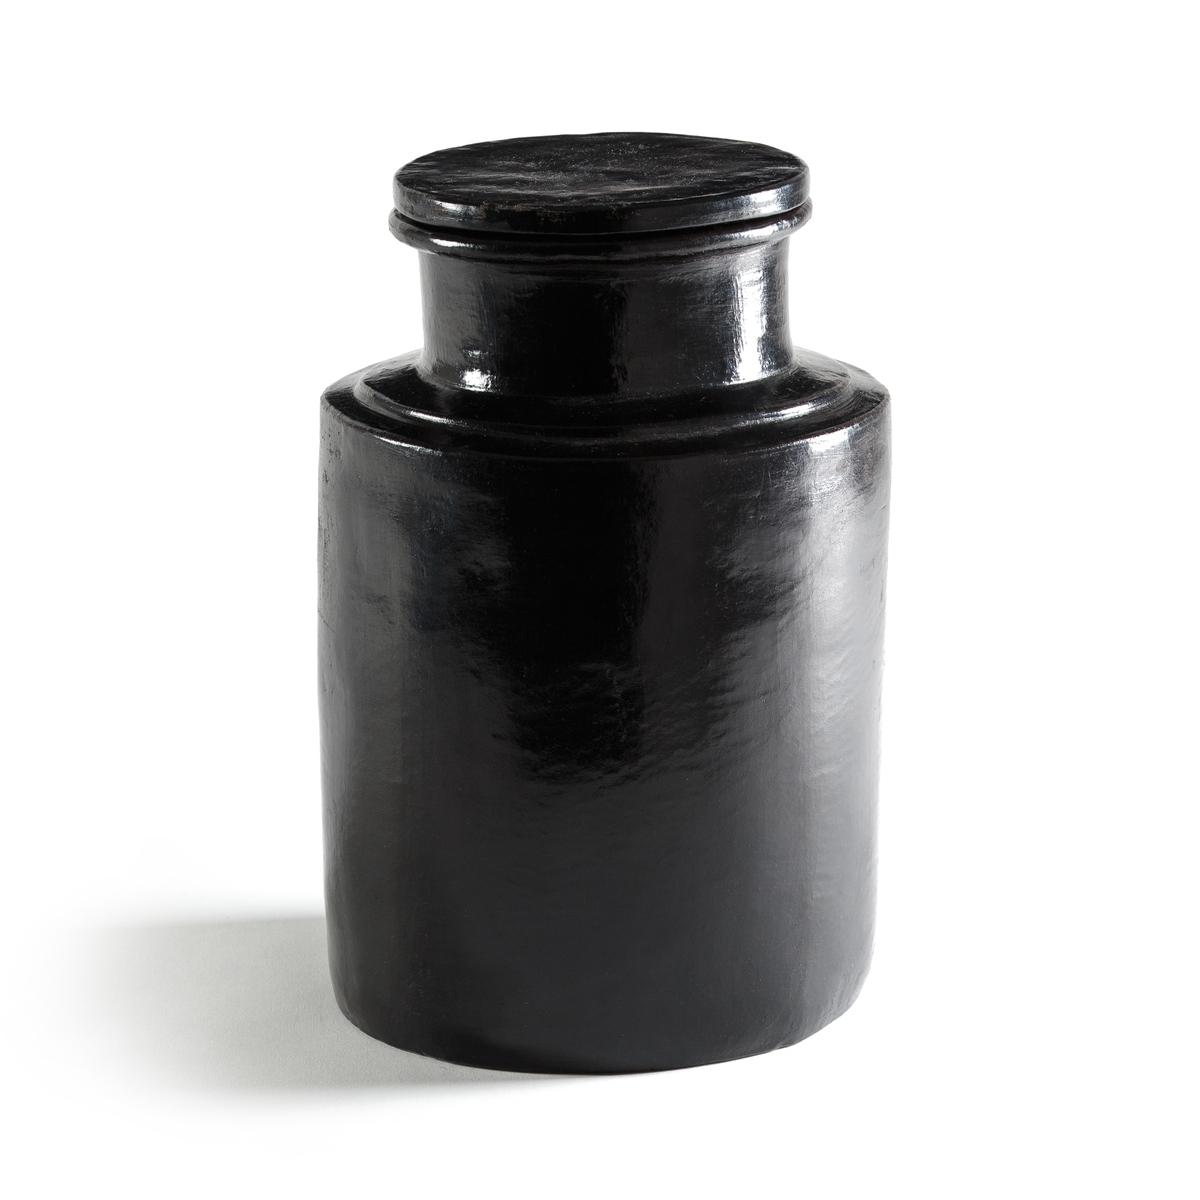 Горшок керамический MirissaГоршок Mirissa. Декоративный и практичный с крышкой. Из керамики чёрного матового цвета. Размер : ?18 x H27 см.<br><br>Цвет: черный